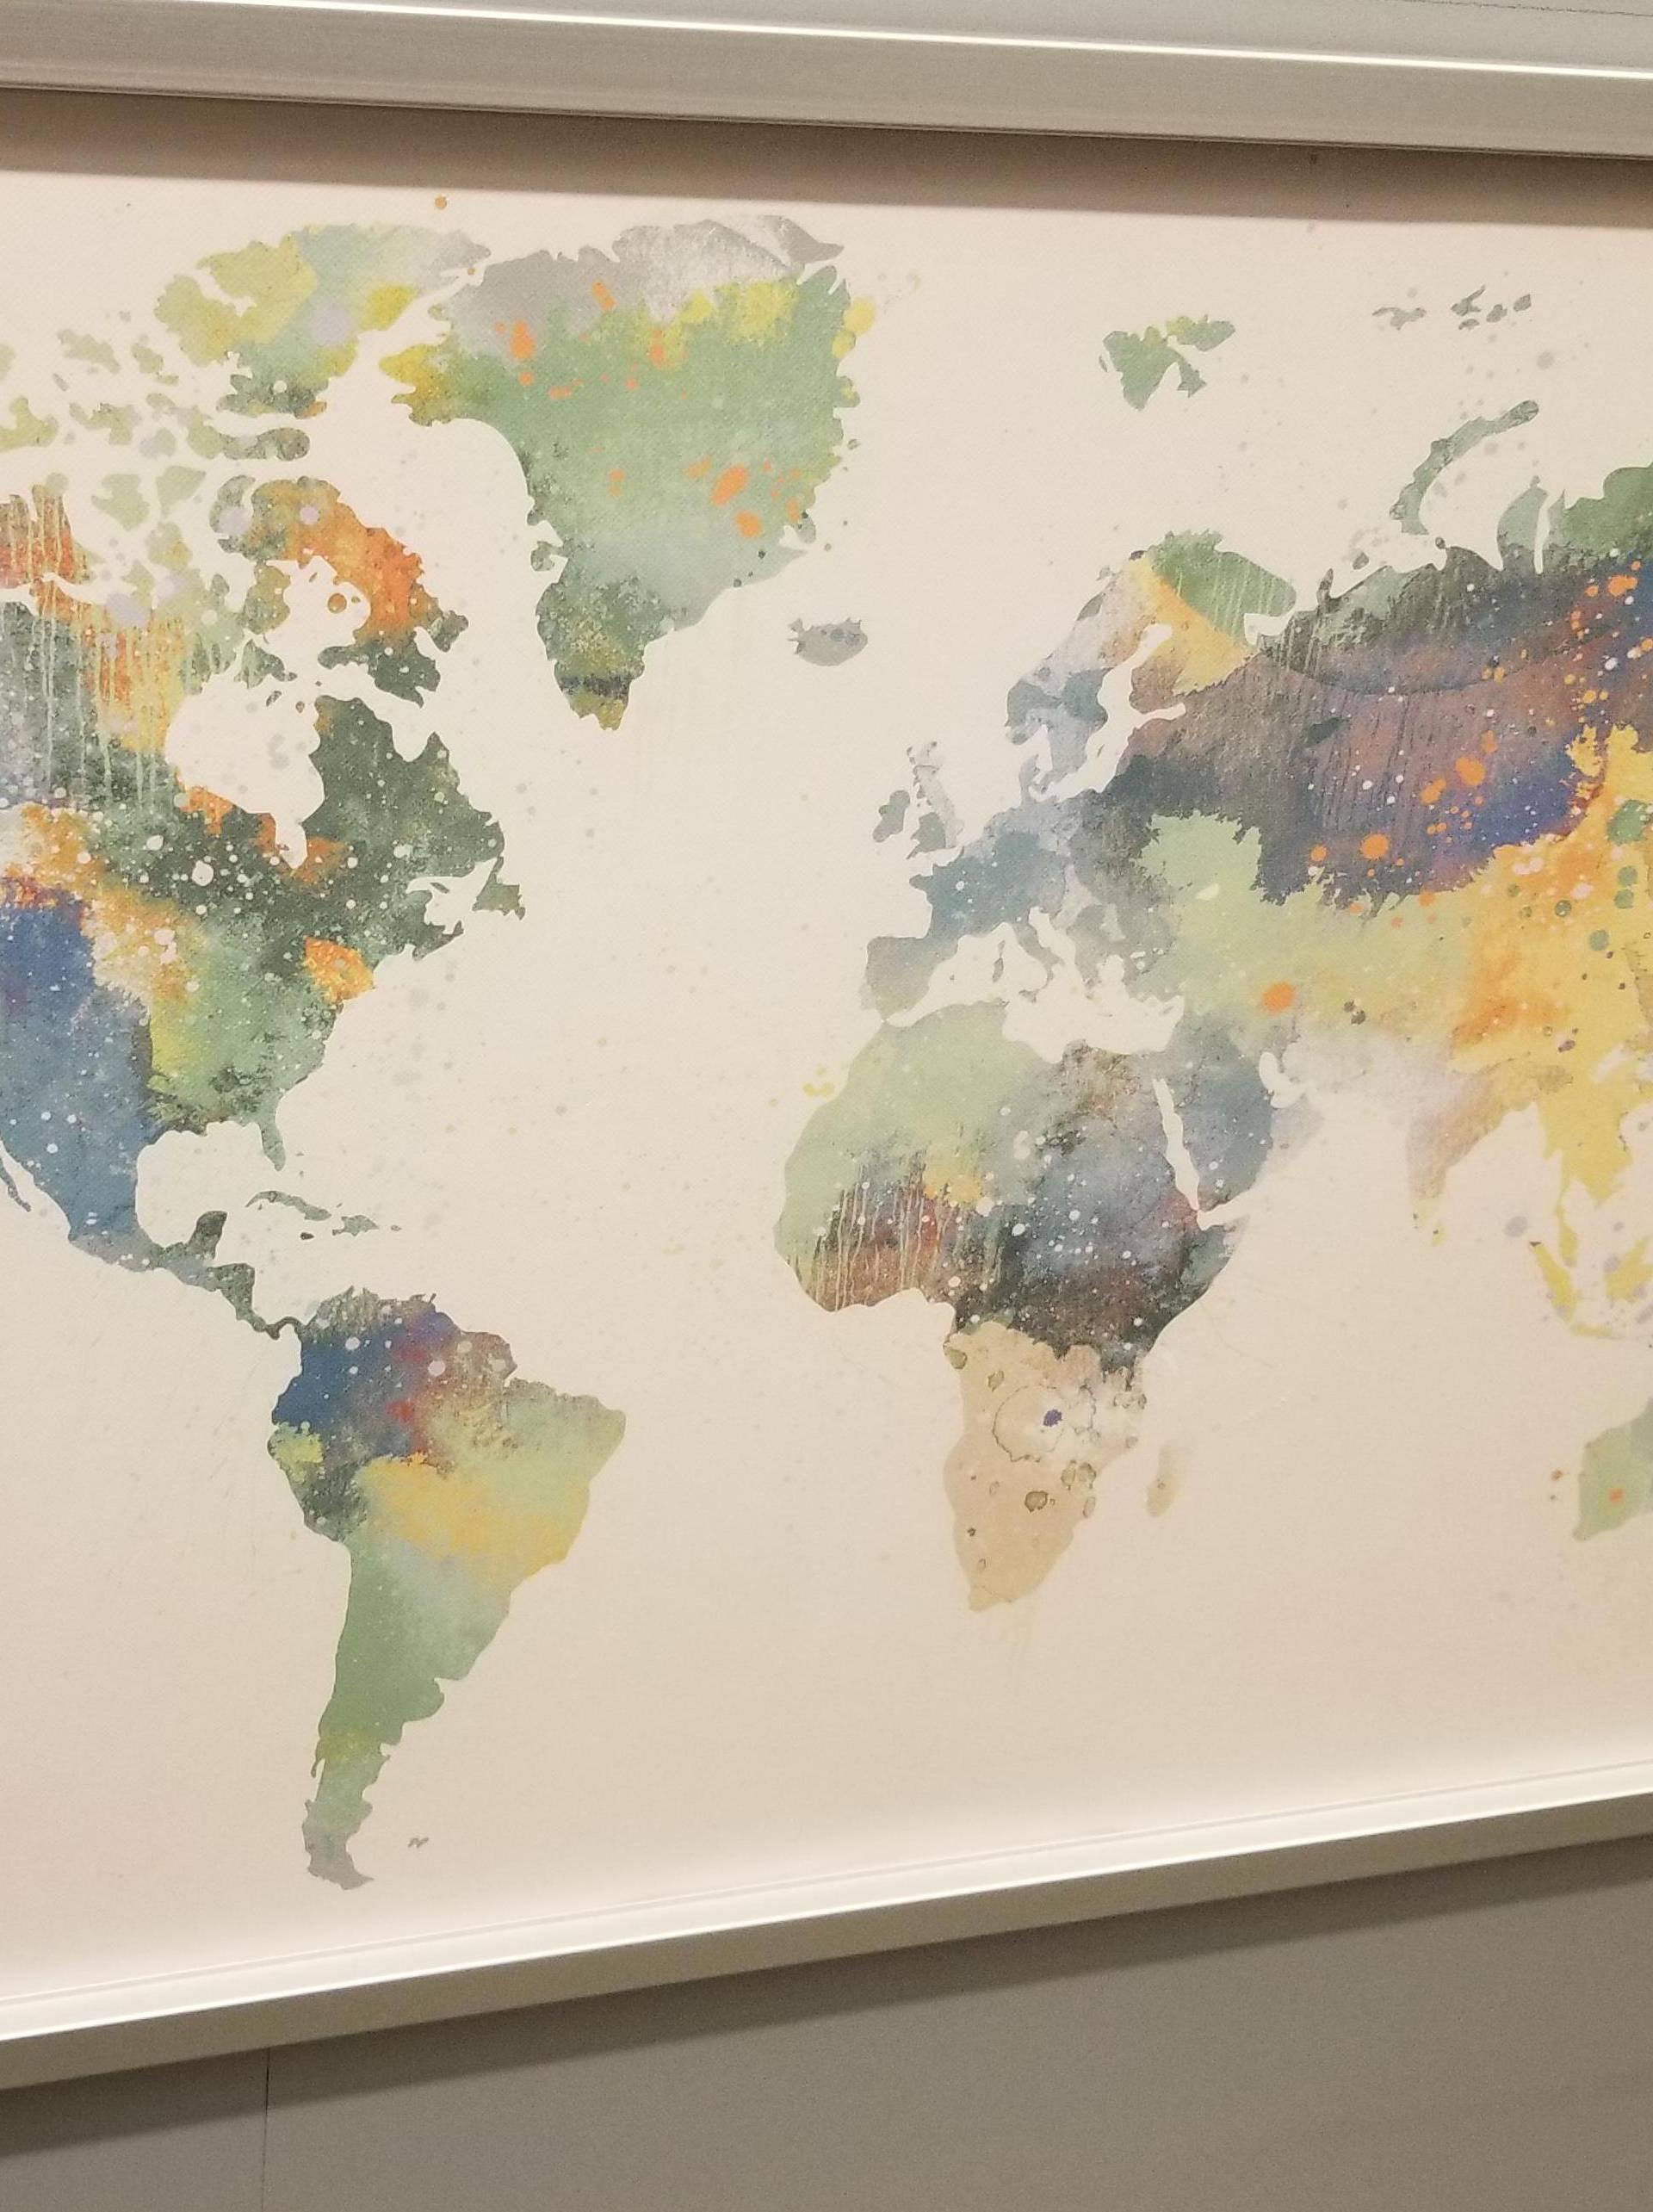 'Gdje je Novi Zeland? Internet se smije karti svijeta iz Ikee